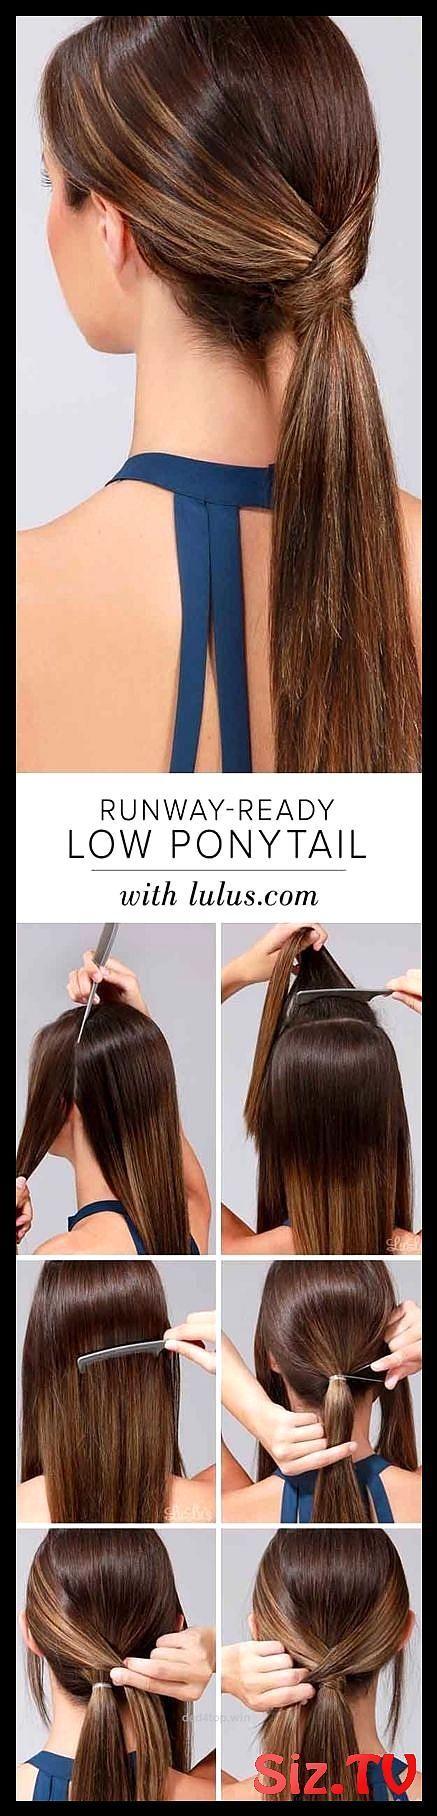 Schnelle und einfache Frisuren für glattes Haar Wie Runway Ready Low Ponytail Pop ...,  #einf...